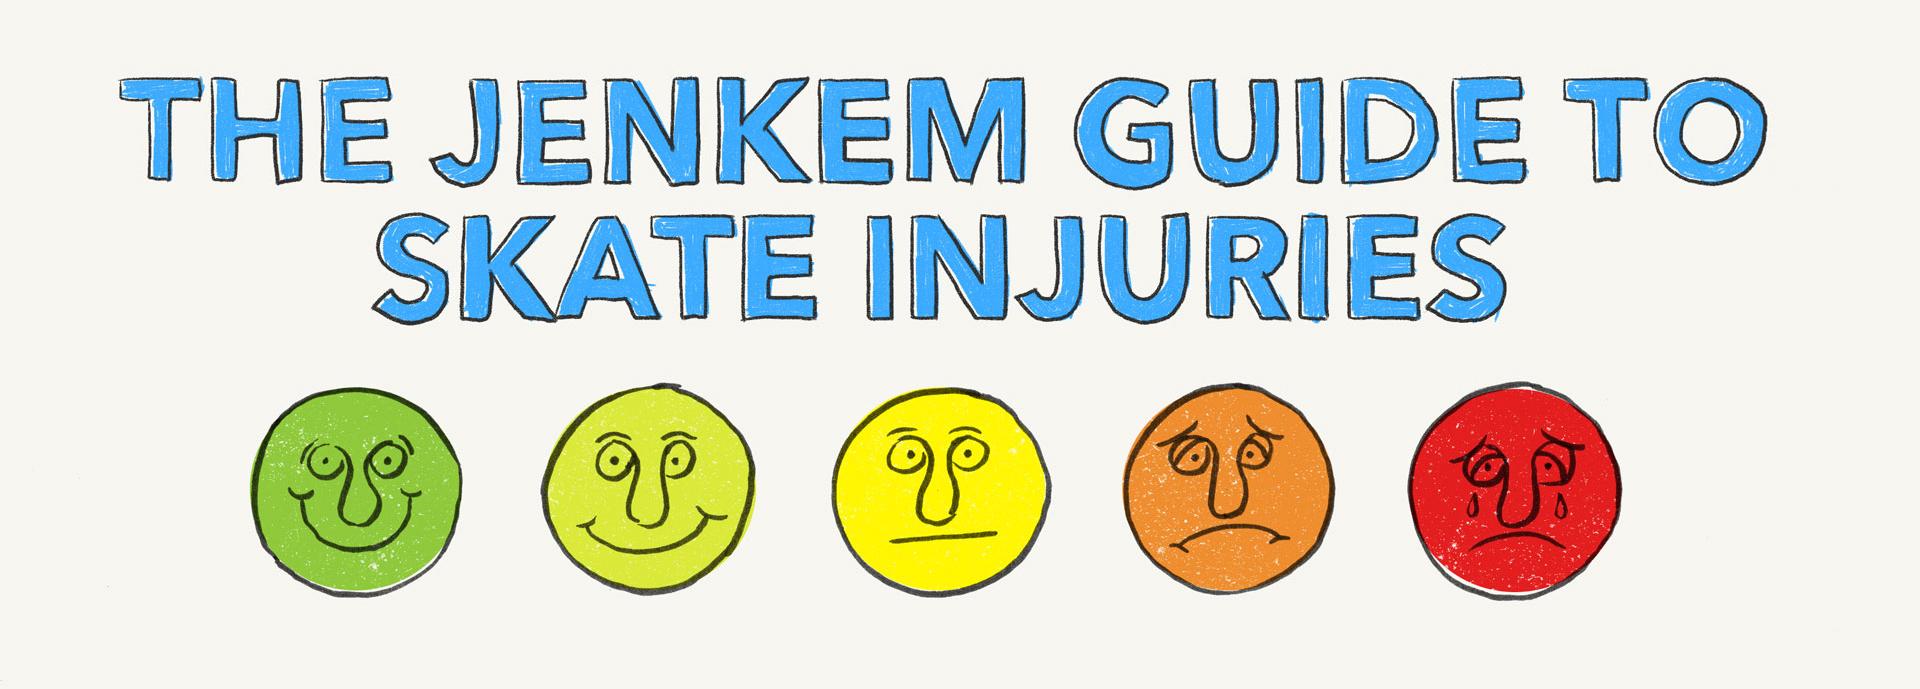 THE JENKEM GUIDE TO SKATE INJURIES - Jenkem Magazine